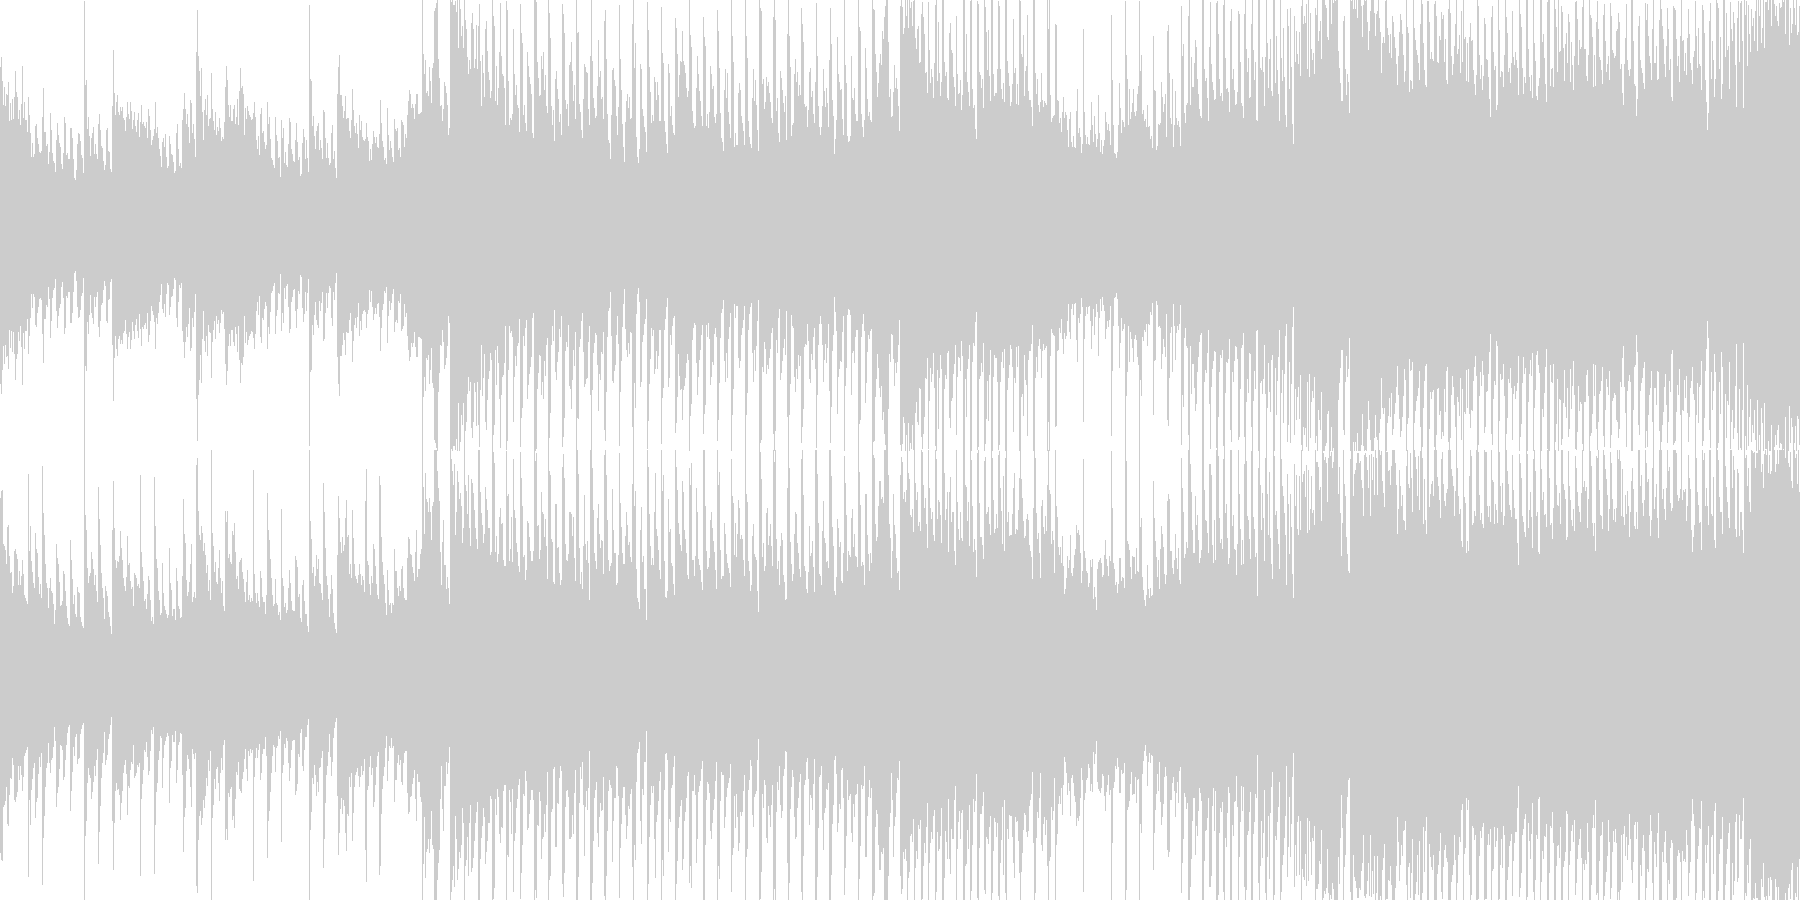 前向きで爽やかなポップス【ループBGM】の未再生の波形